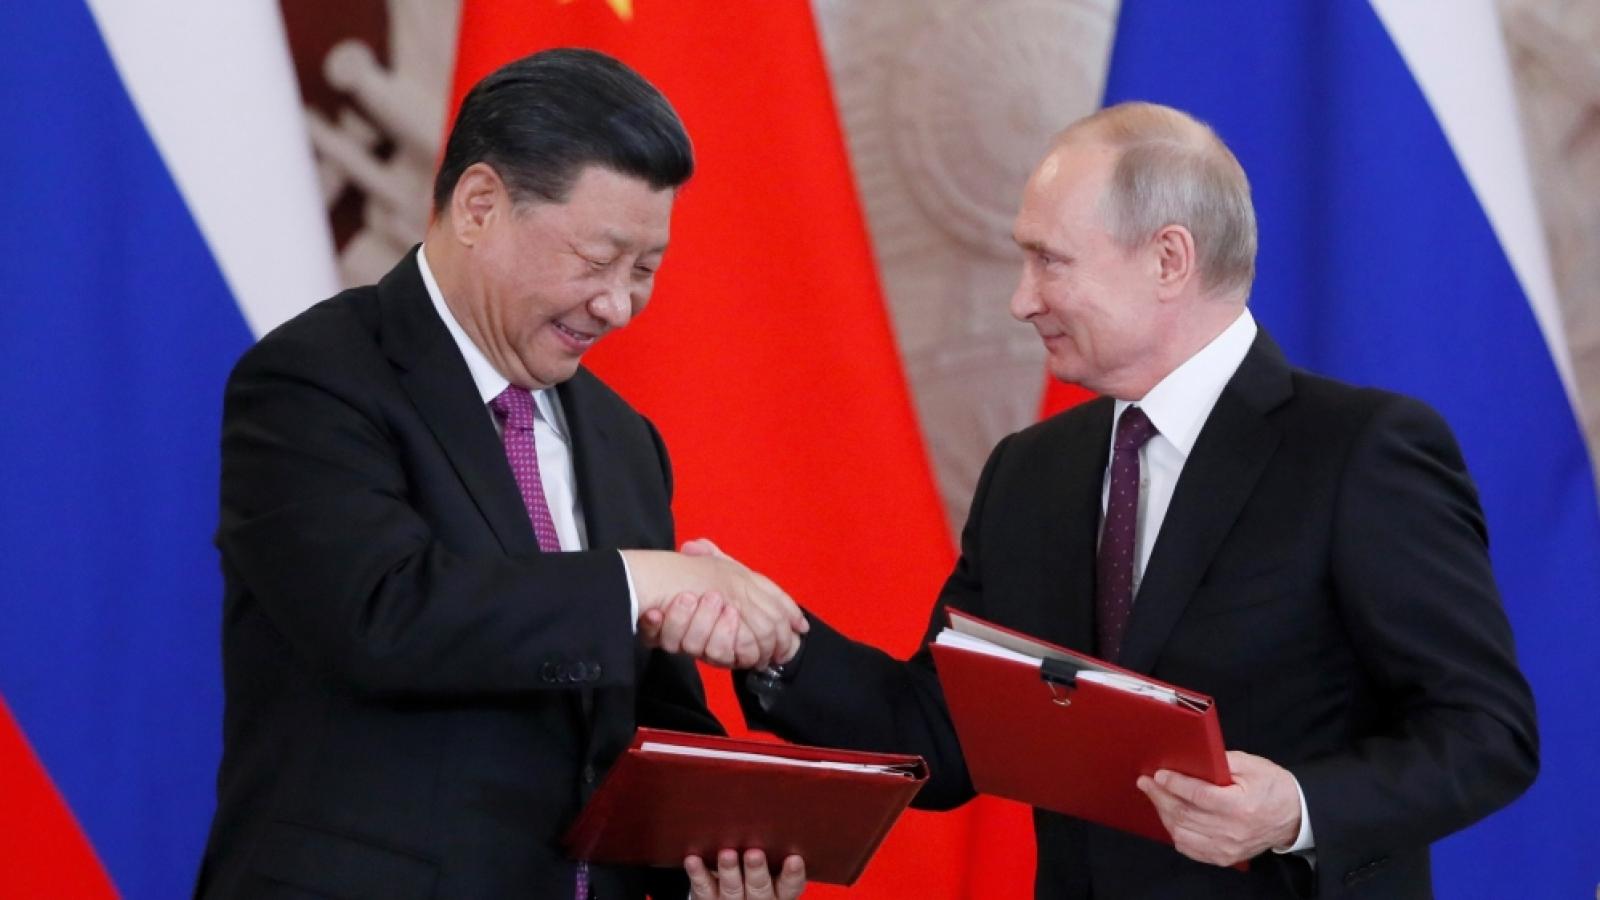 Gia hạn Hiệp ước hữu nghị, Nga-Trung bắt tay gửi thông điệp tới Mỹ